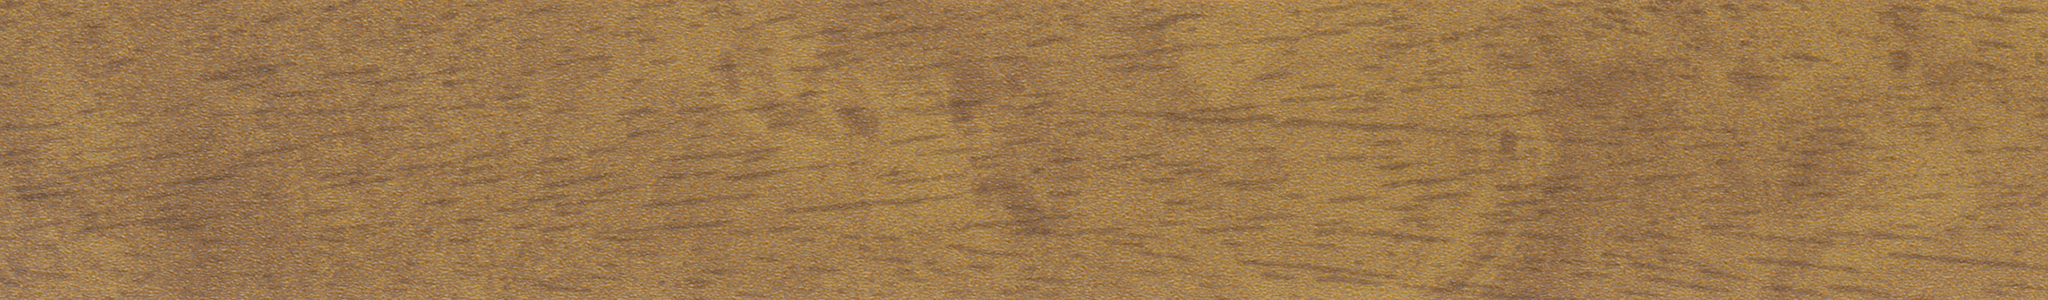 HD 281114 ABS Kante Dekor Nussbaum Ribera perl